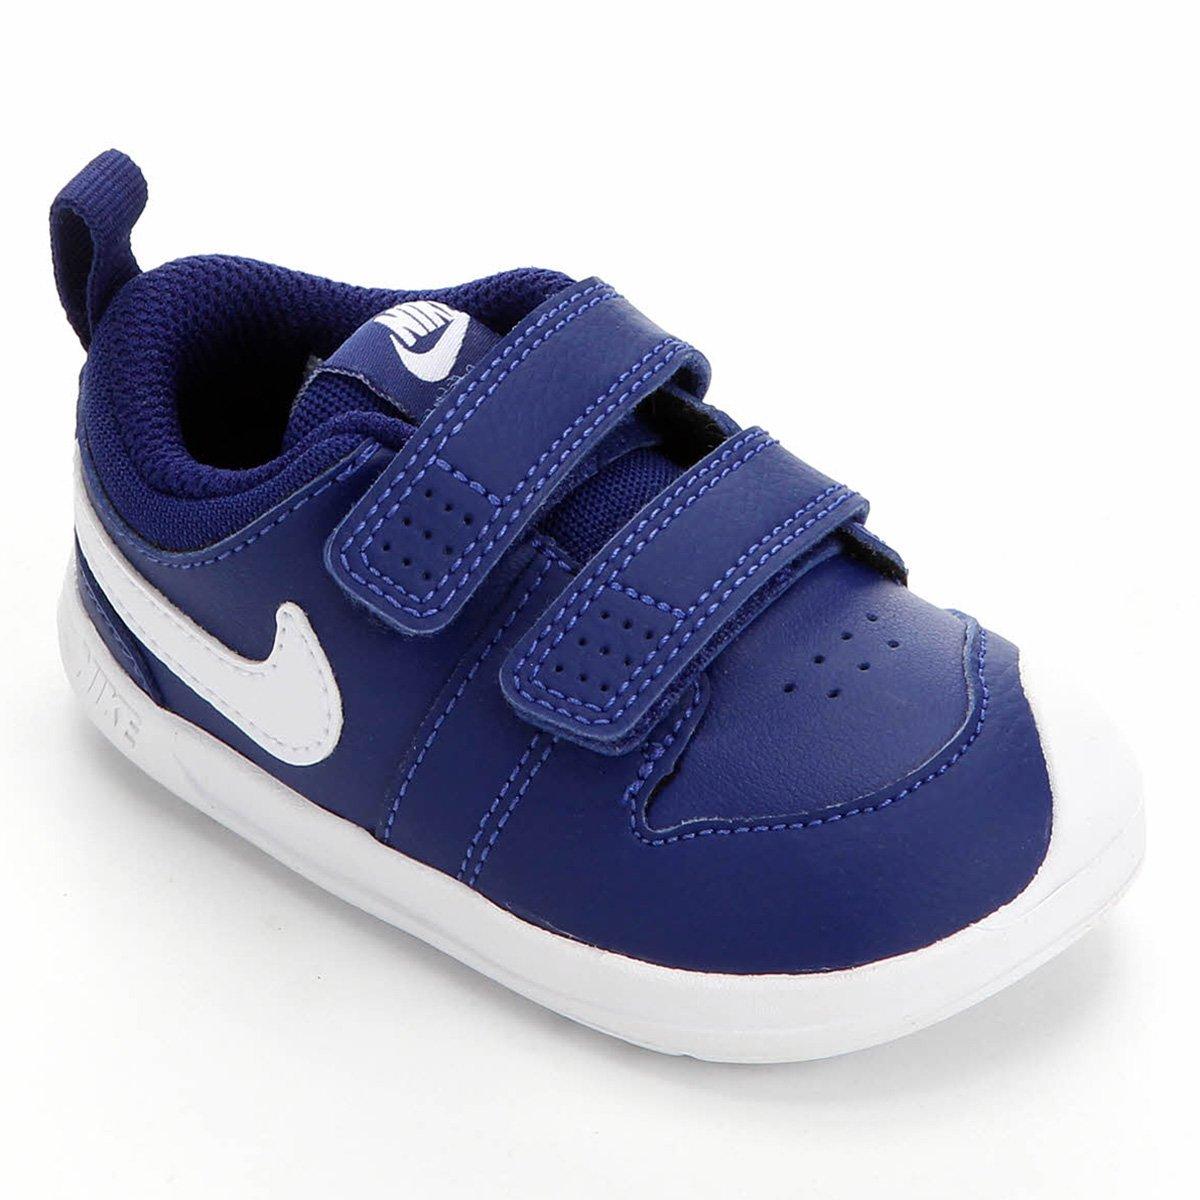 linda Humilde Monet  Tênis Infantil Nike Pico 5 - Azul Royal e Branco | Zattini